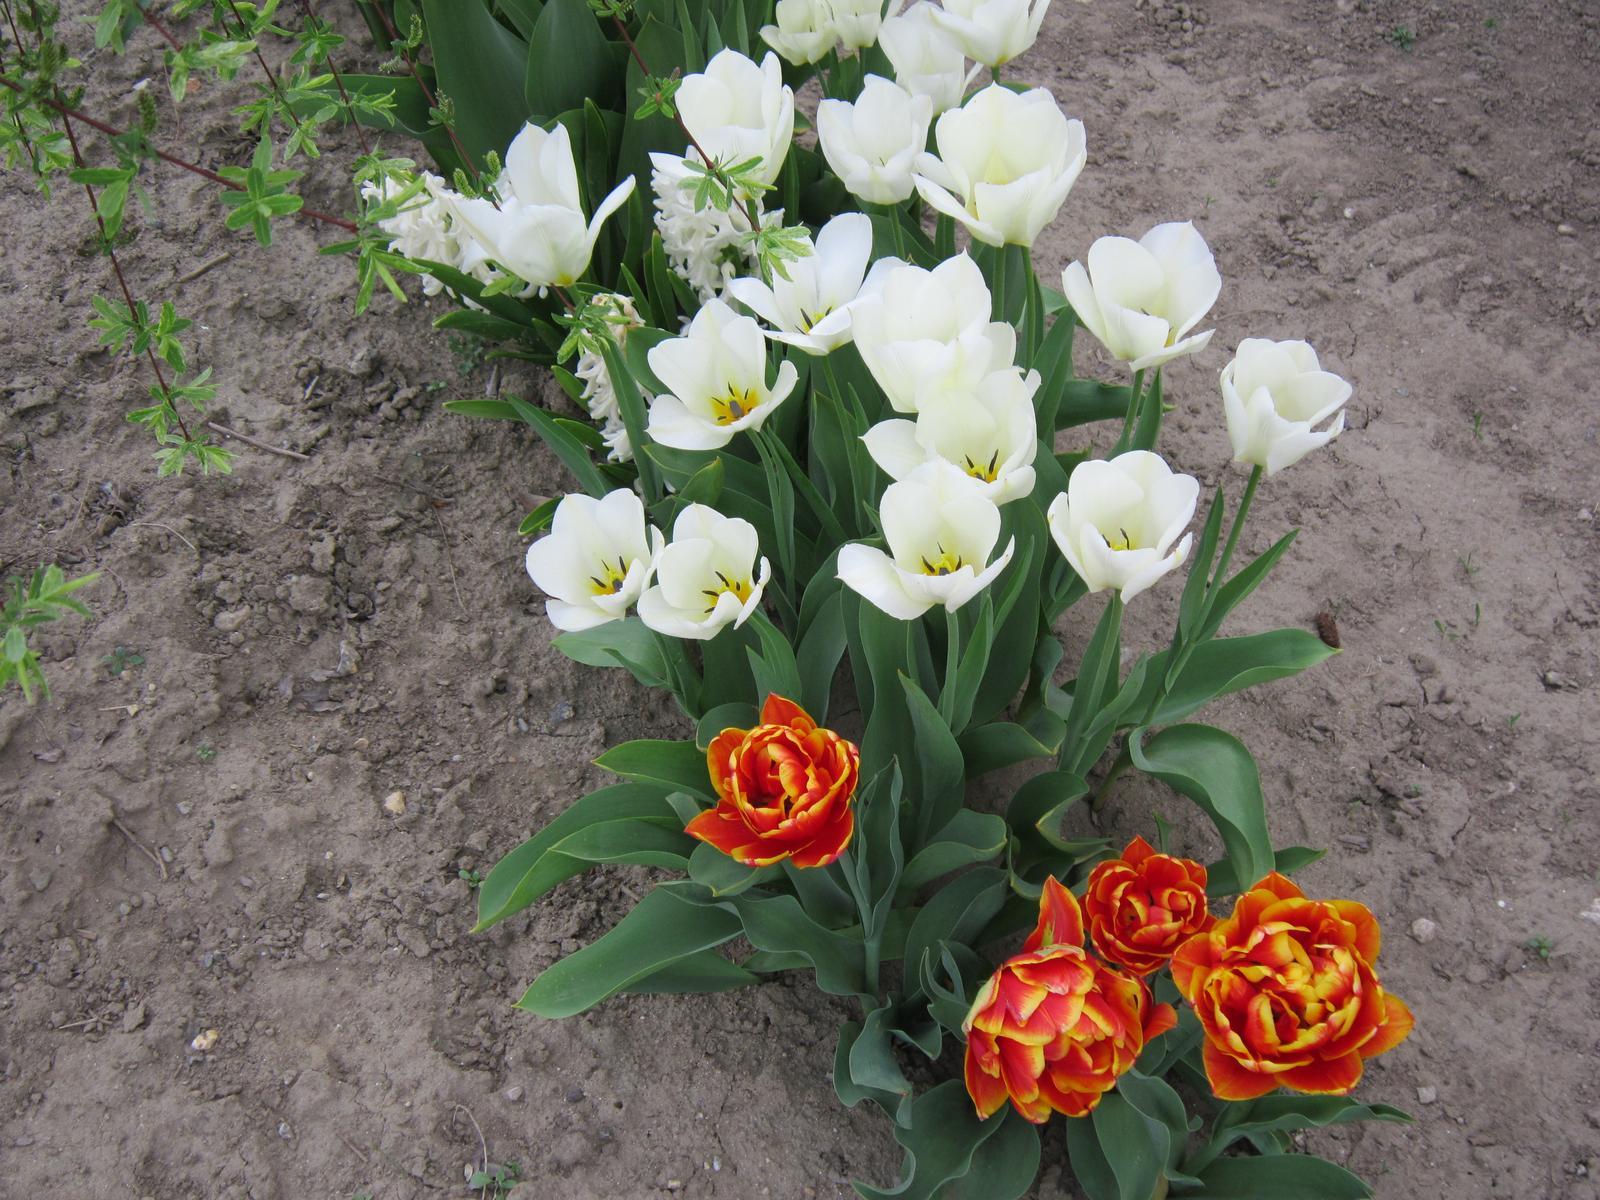 Moja záhrada...ako šiel čas - Obrázok č. 31